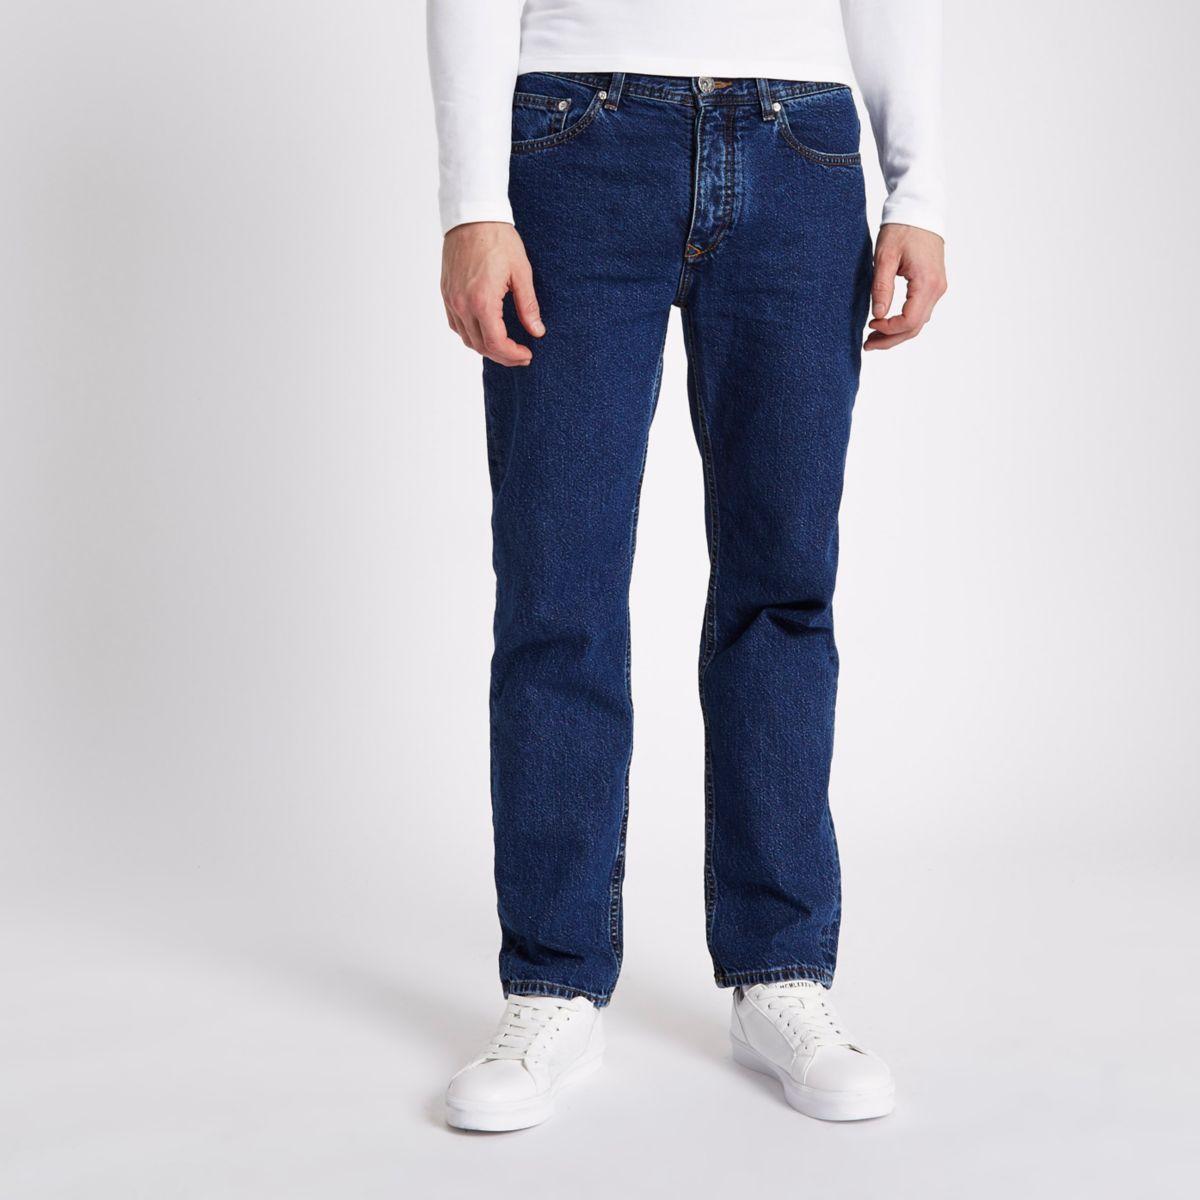 Bobby – Dunkelblaue Jeans